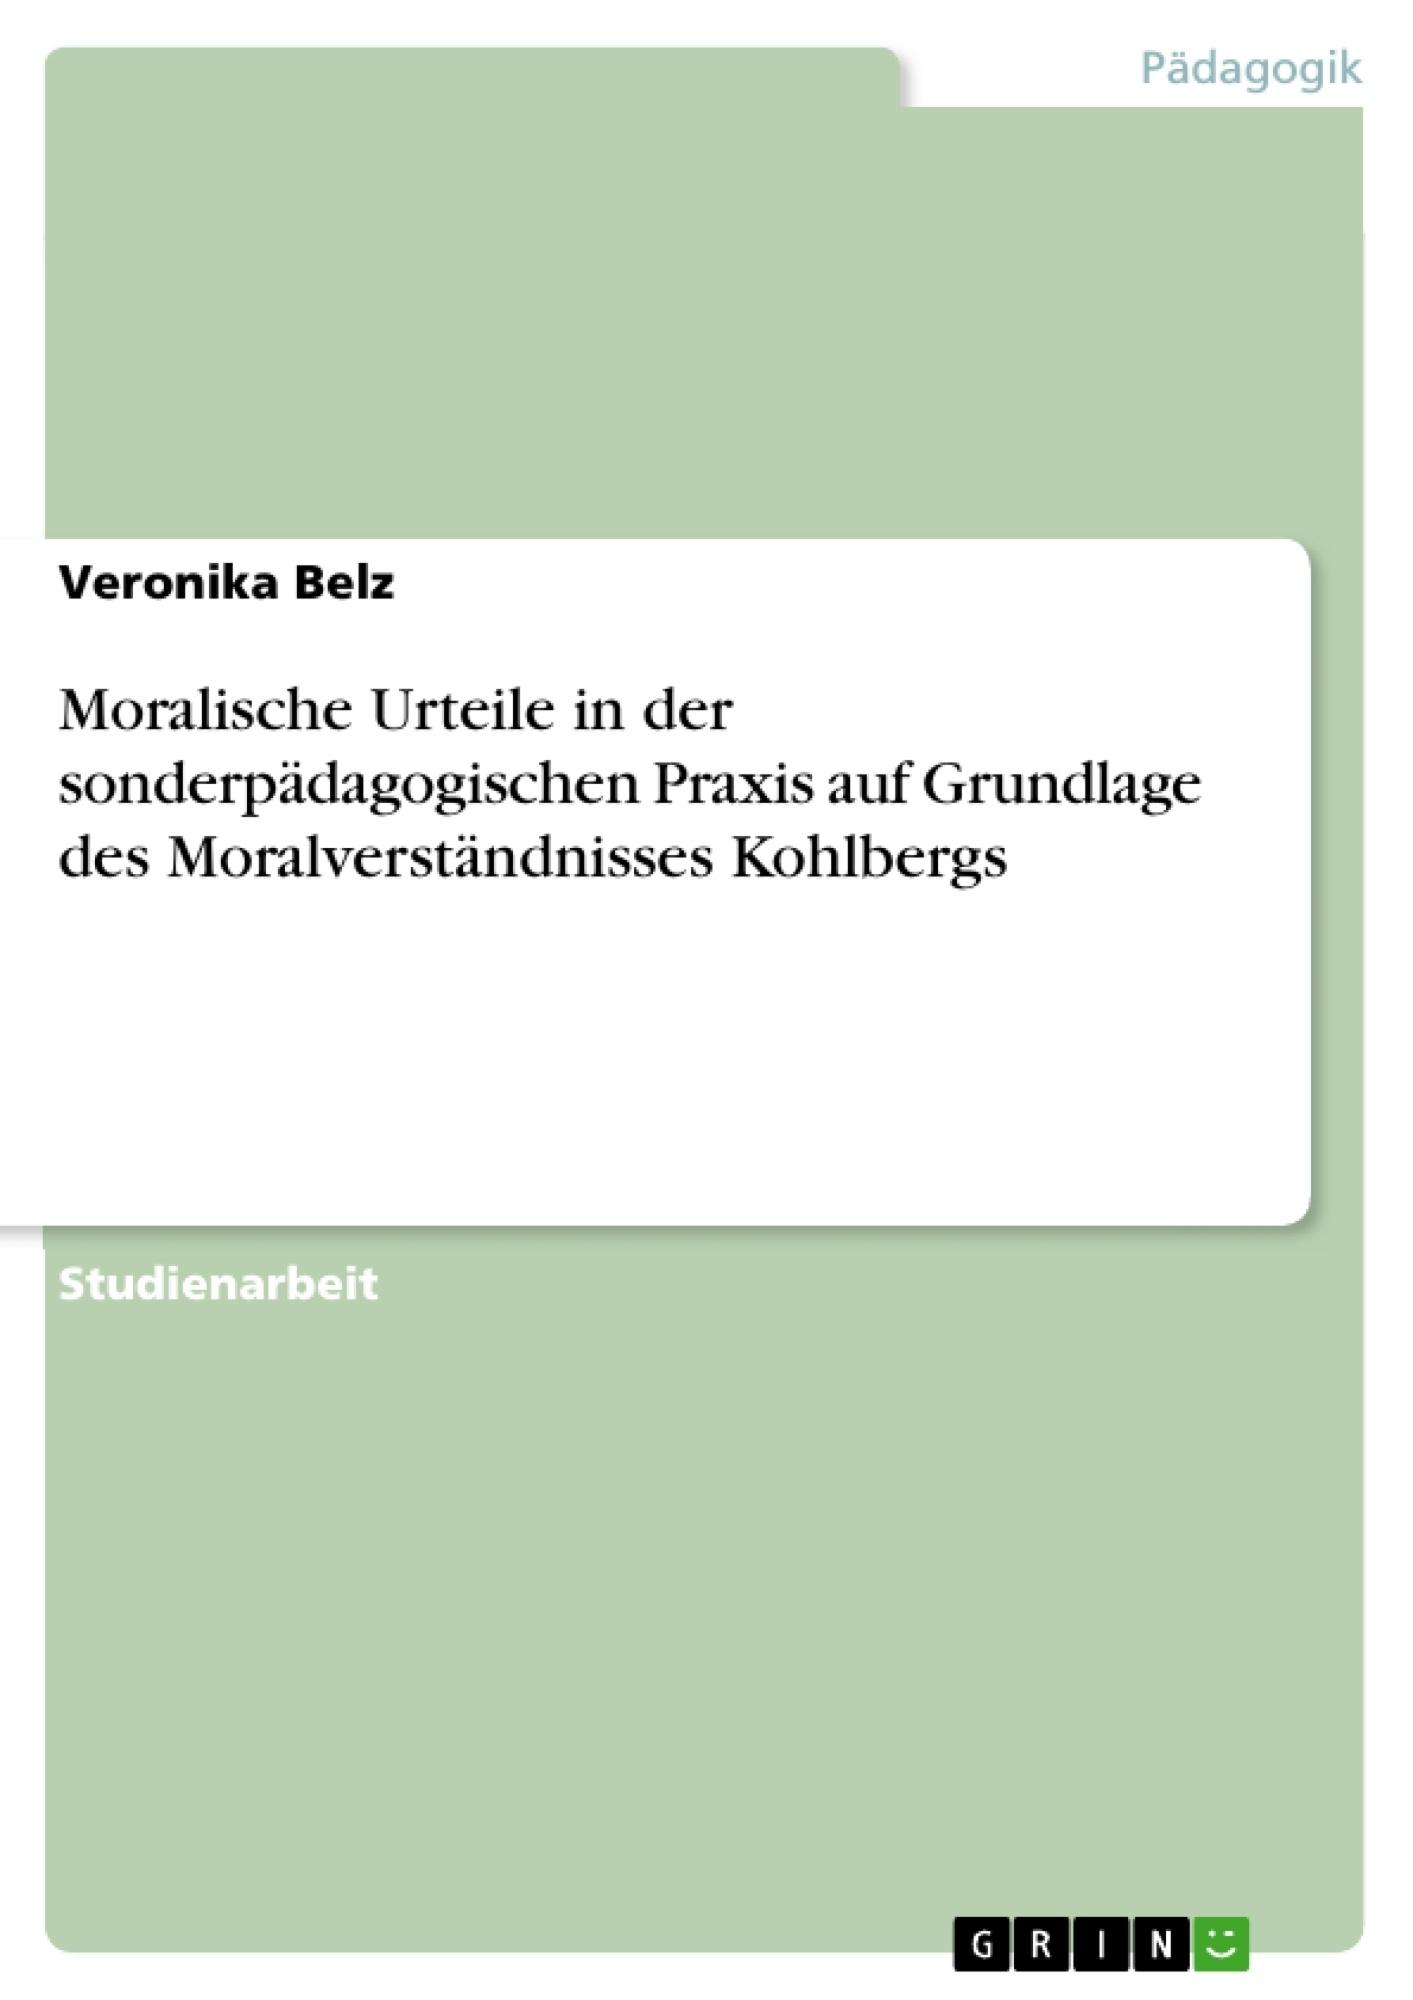 Titel: Moralische Urteile in der sonderpädagogischen Praxis auf Grundlage des Moralverständnisses Kohlbergs